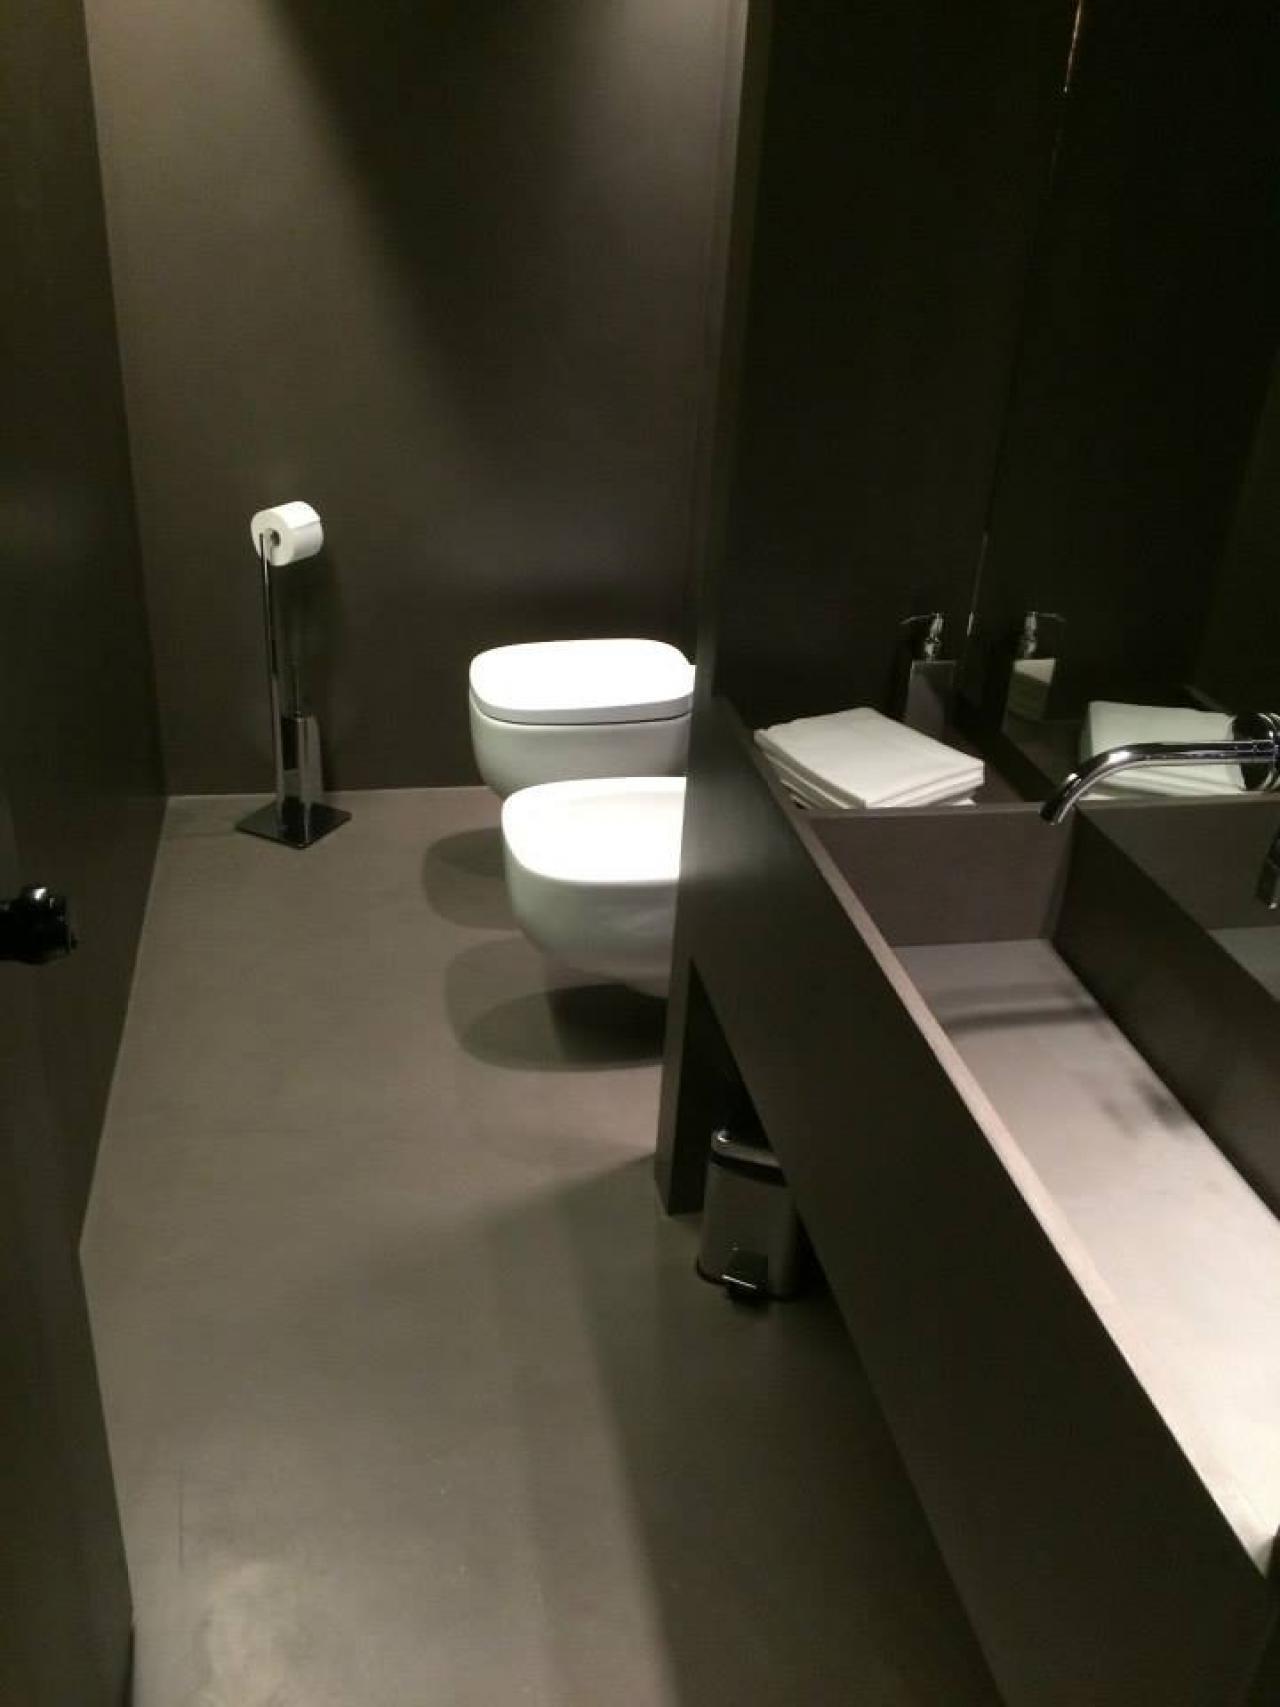 Forare piastrelle bagno cool forare piastrelle bagno with forare piastrelle bagno free - Bucare piastrelle bagno ...